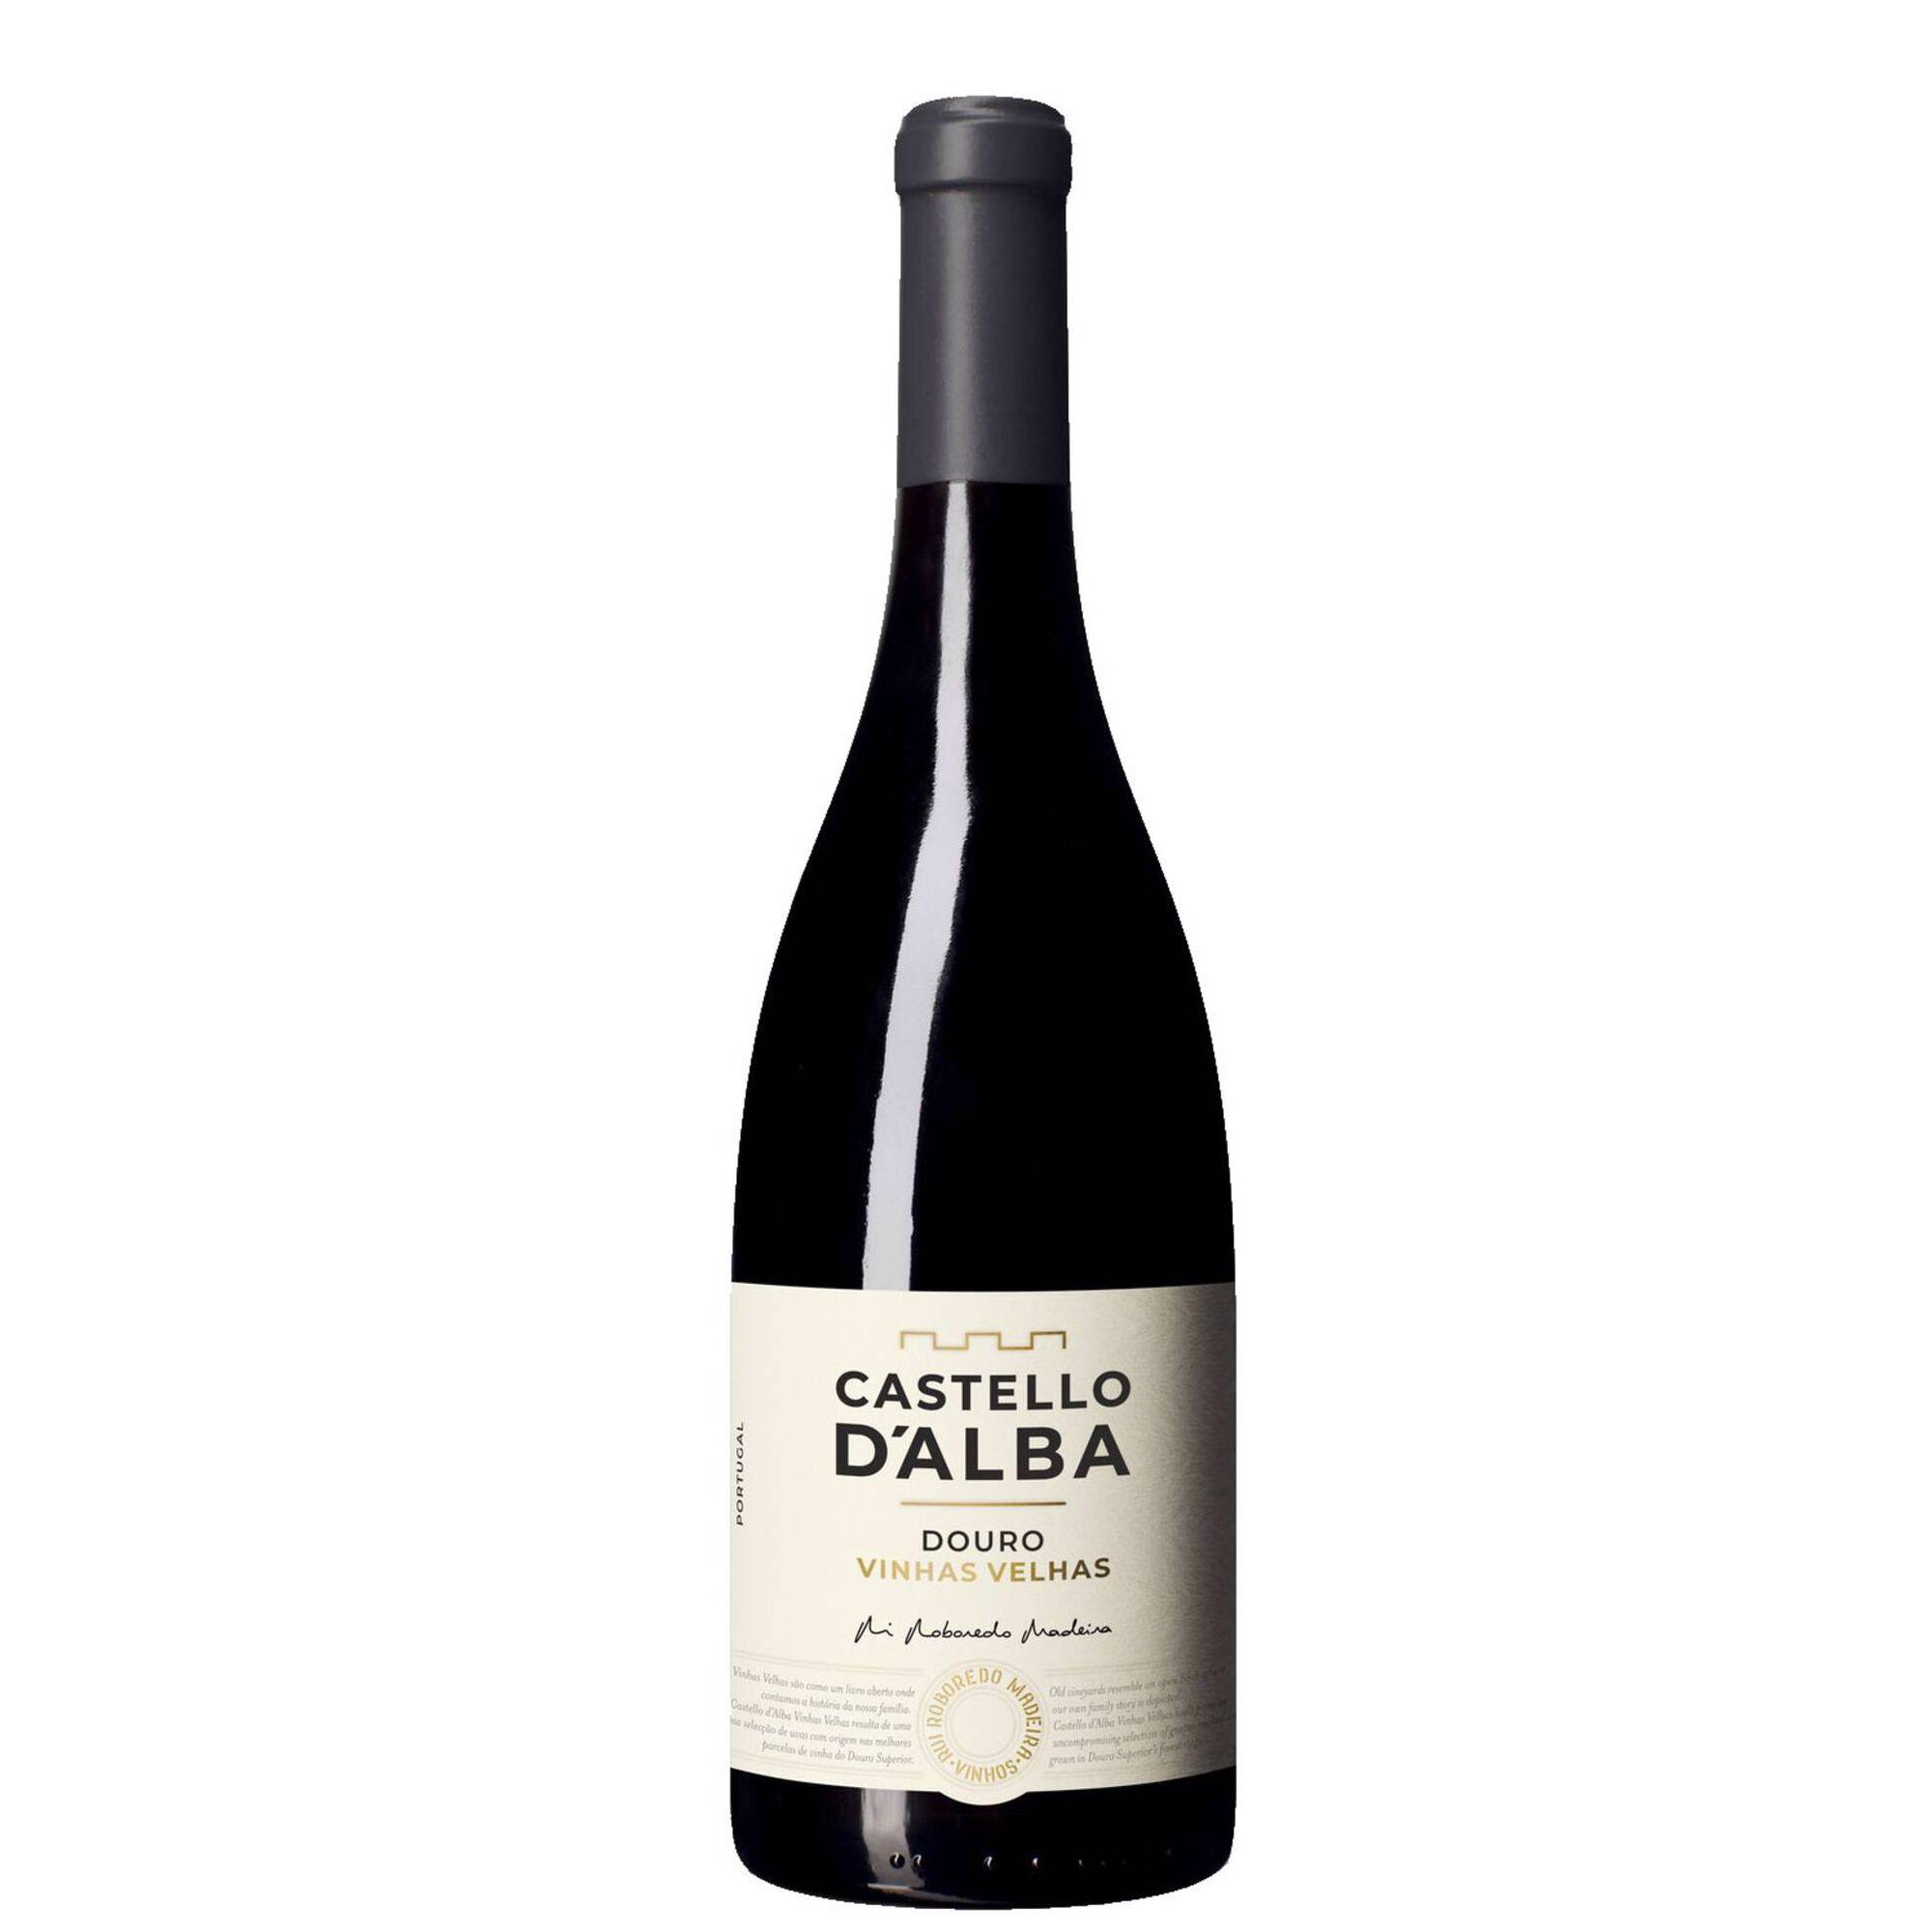 Castello D'Alba Vinhas Velhas Grande Reserva DOC Douro Vinho Tinto